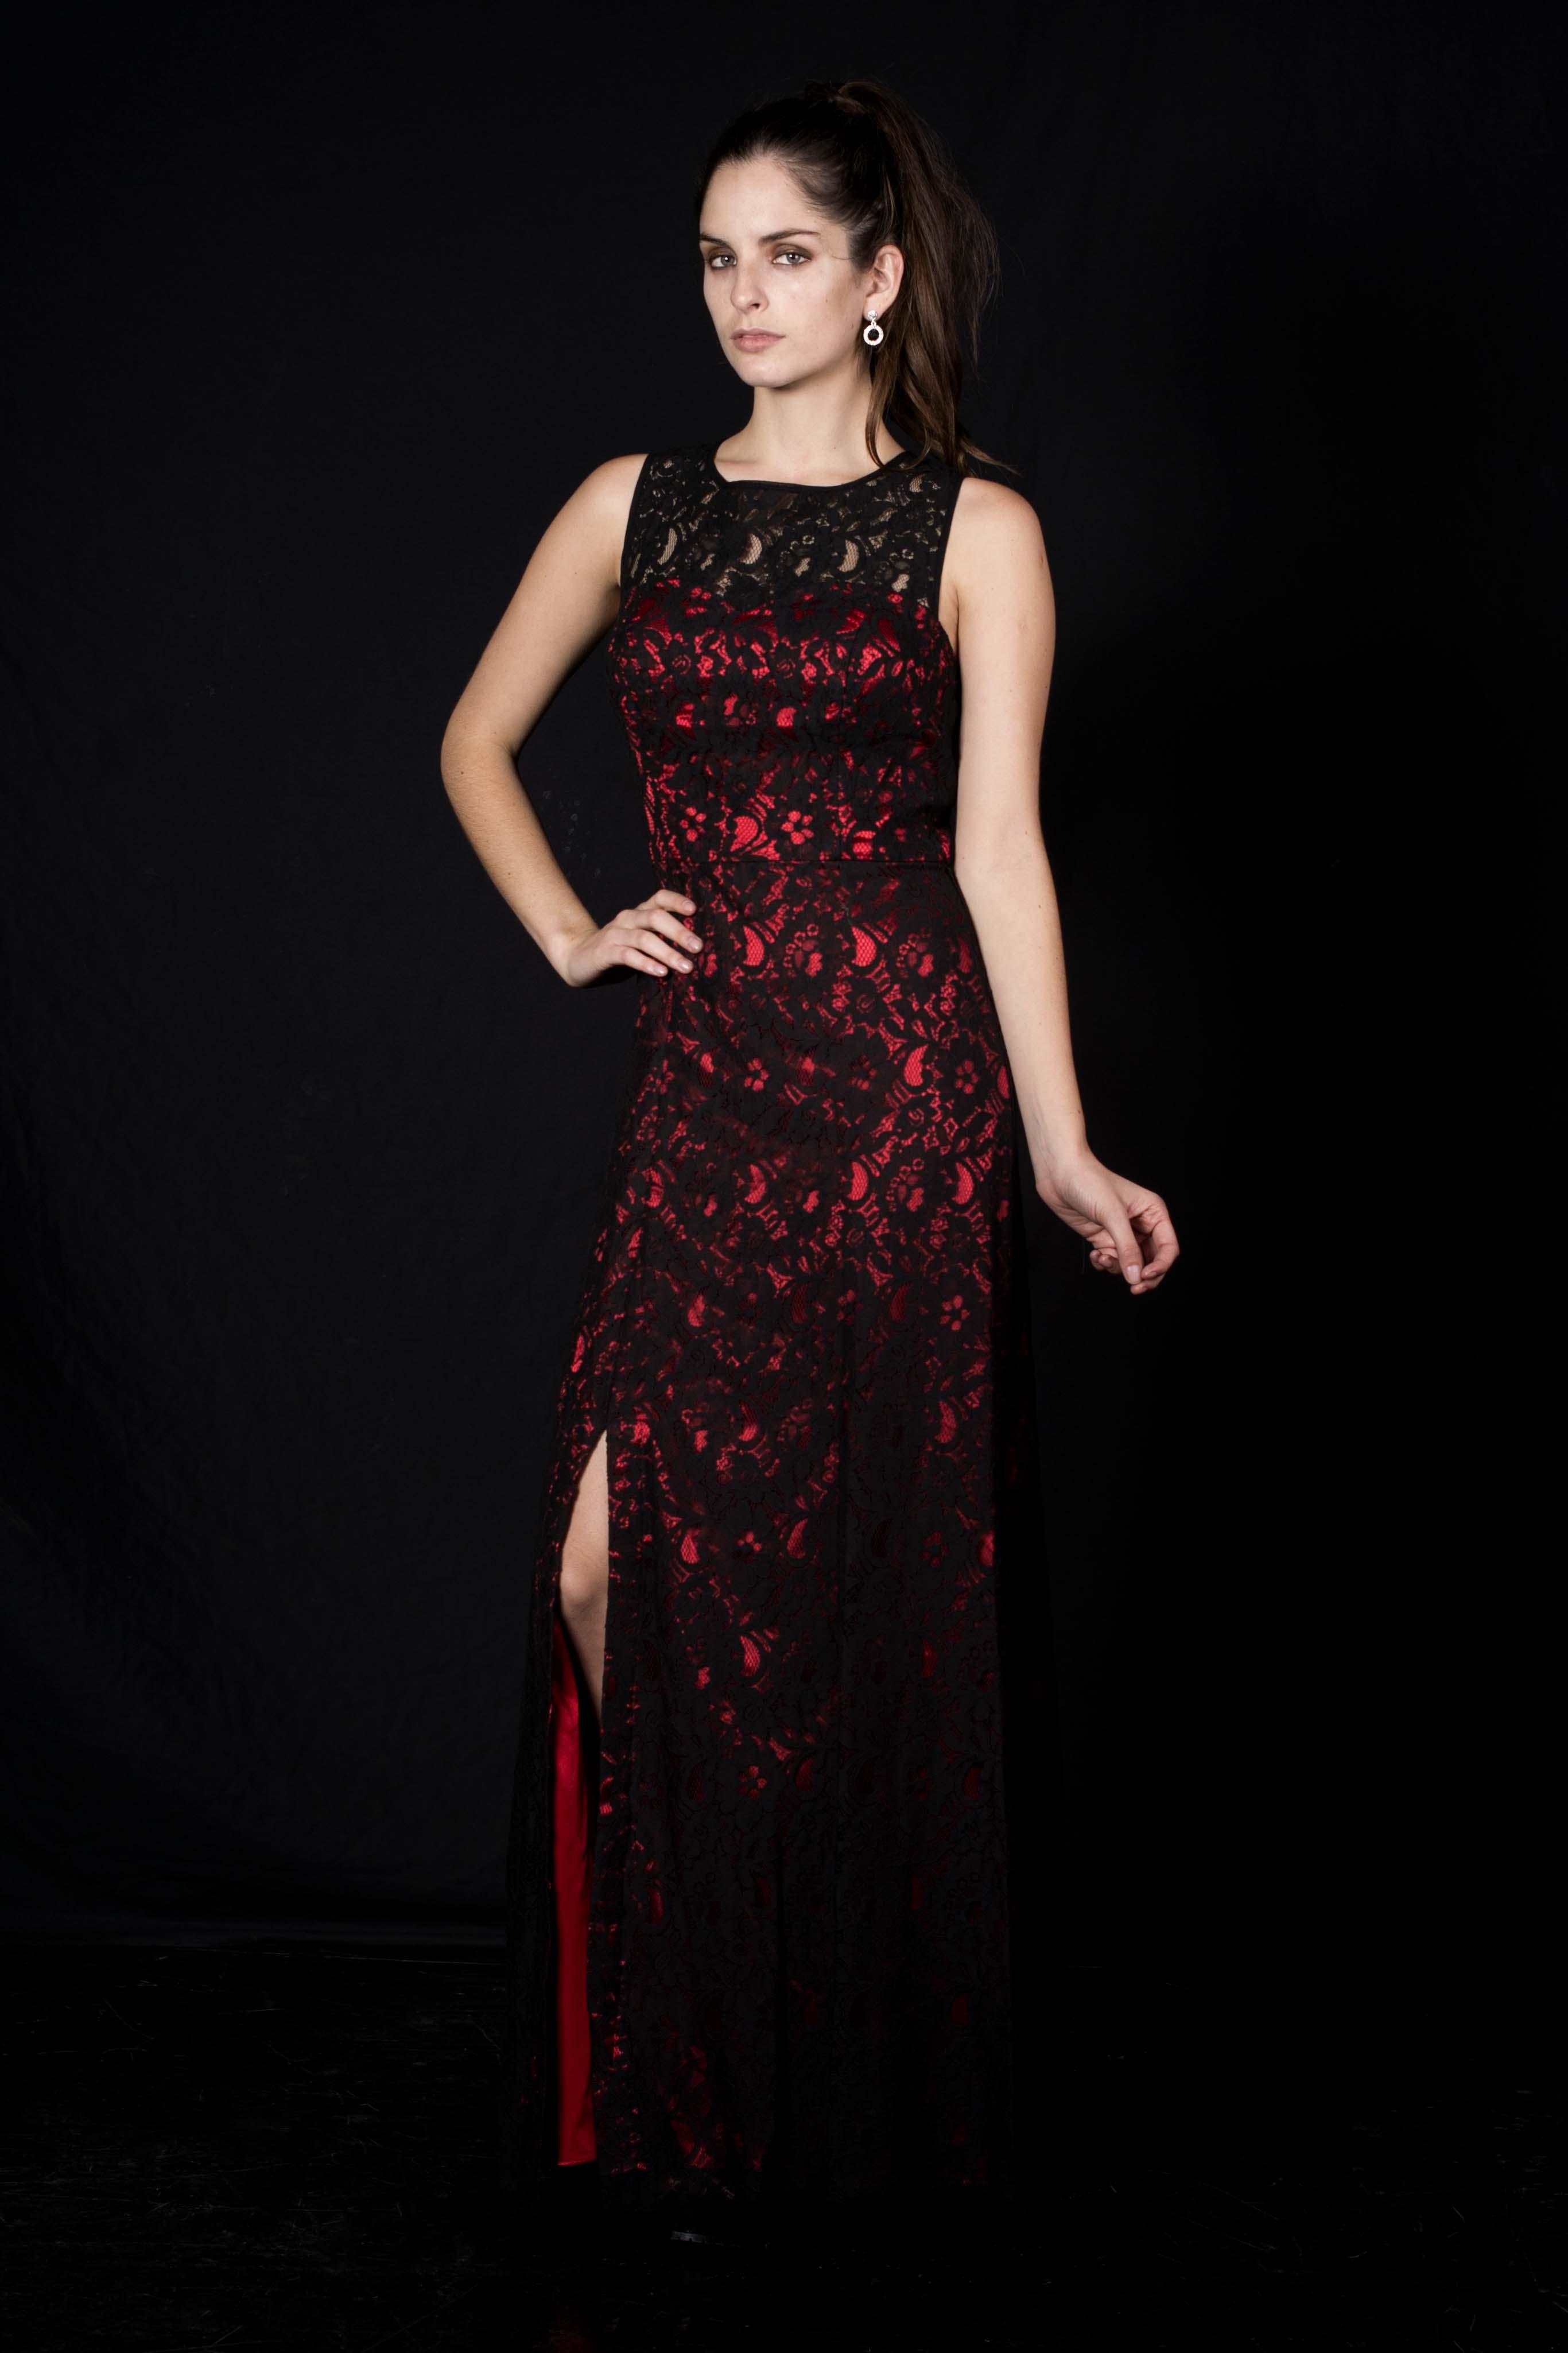 Vestido Encaje Negro con Fondo Rojo